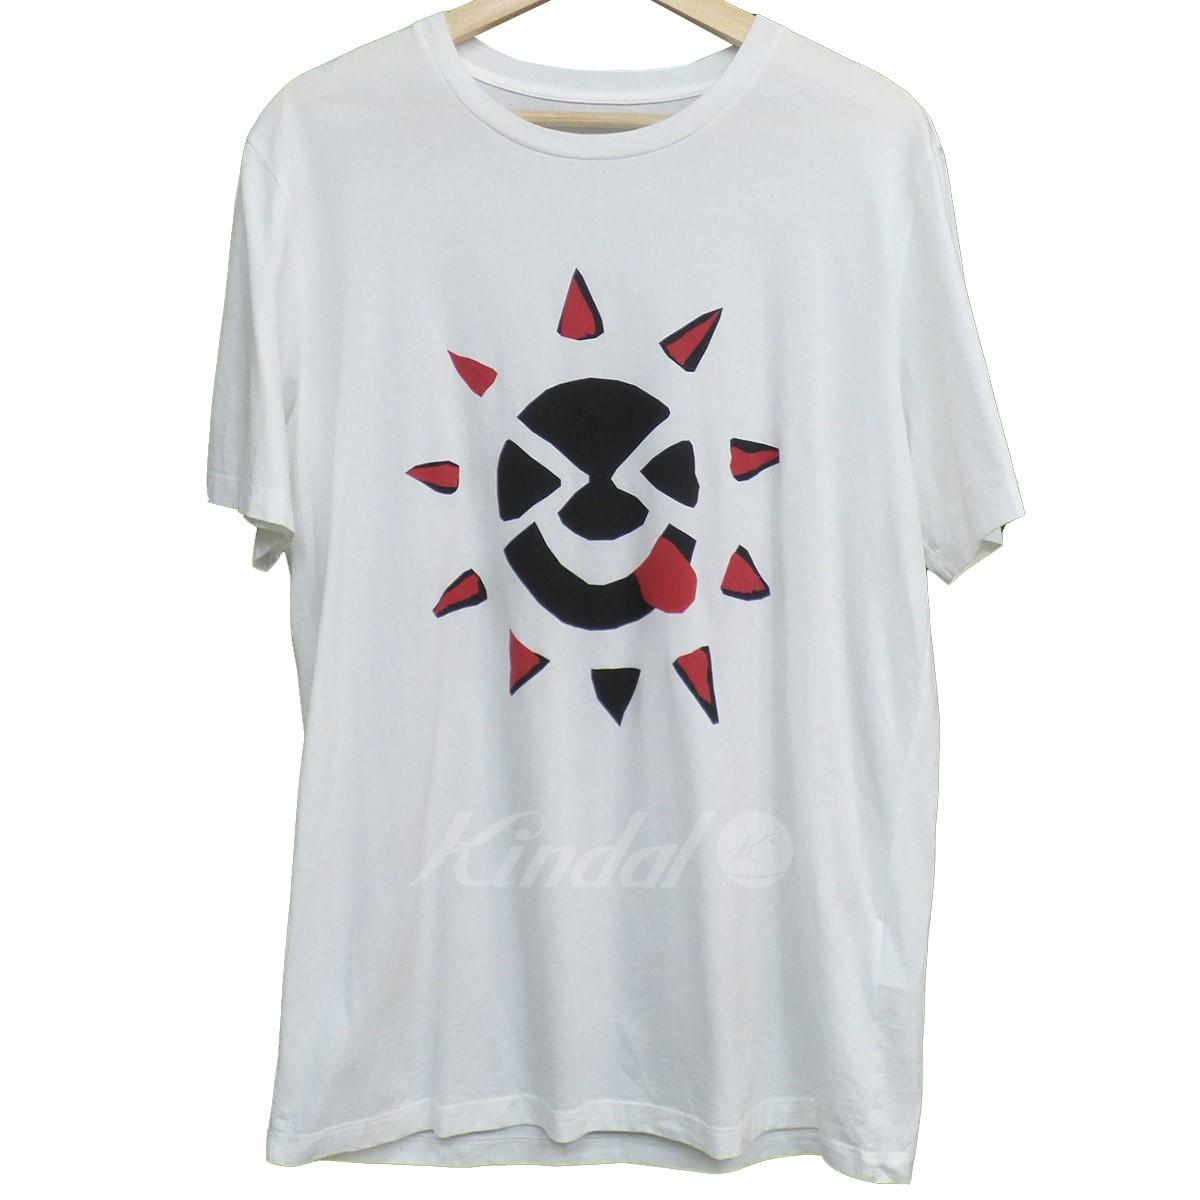 【中古】Maison Margiela10 18SS プリントTシャツ ホワイト サイズ:48 【010619】(メゾンマルジェラ10)